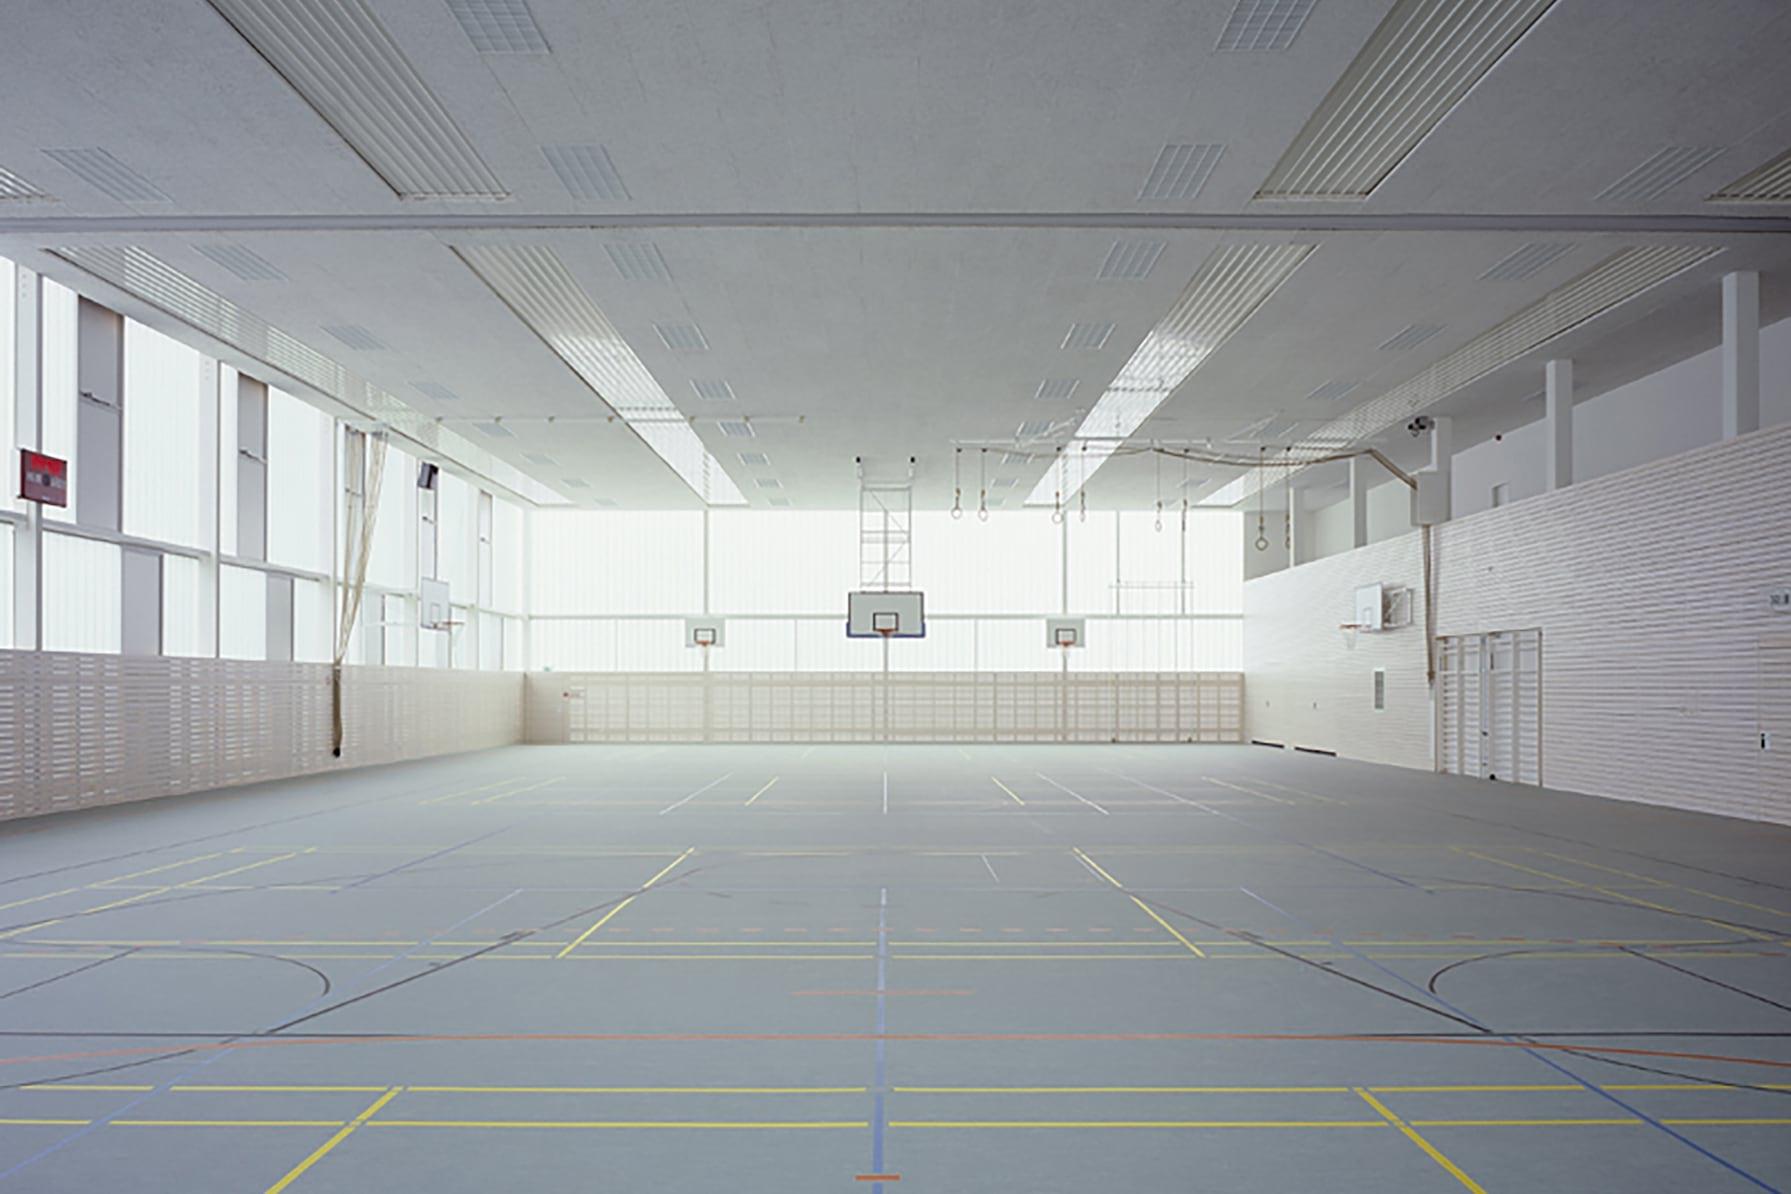 ingolstadt-ballspielhalle-03-rosenberg-kopie.jpg